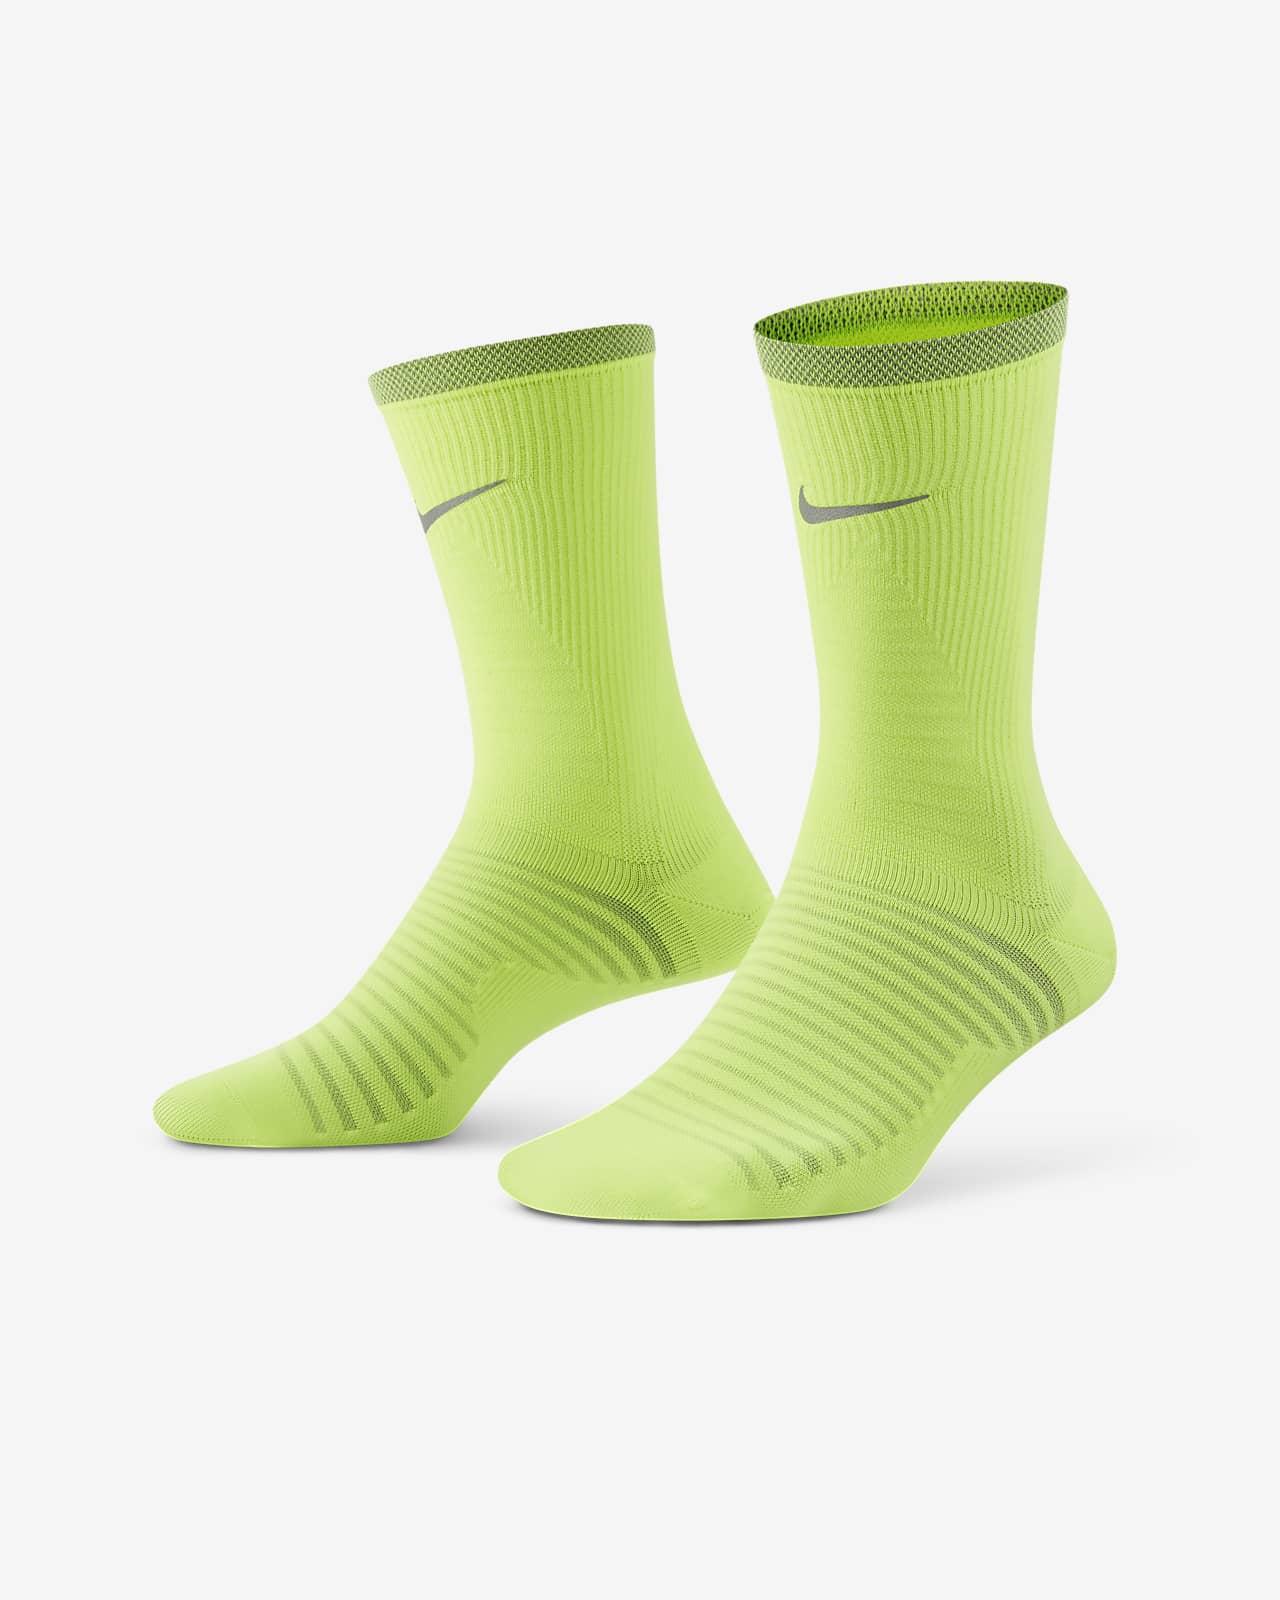 Calze da running di media lunghezza Nike Spark Lightweight